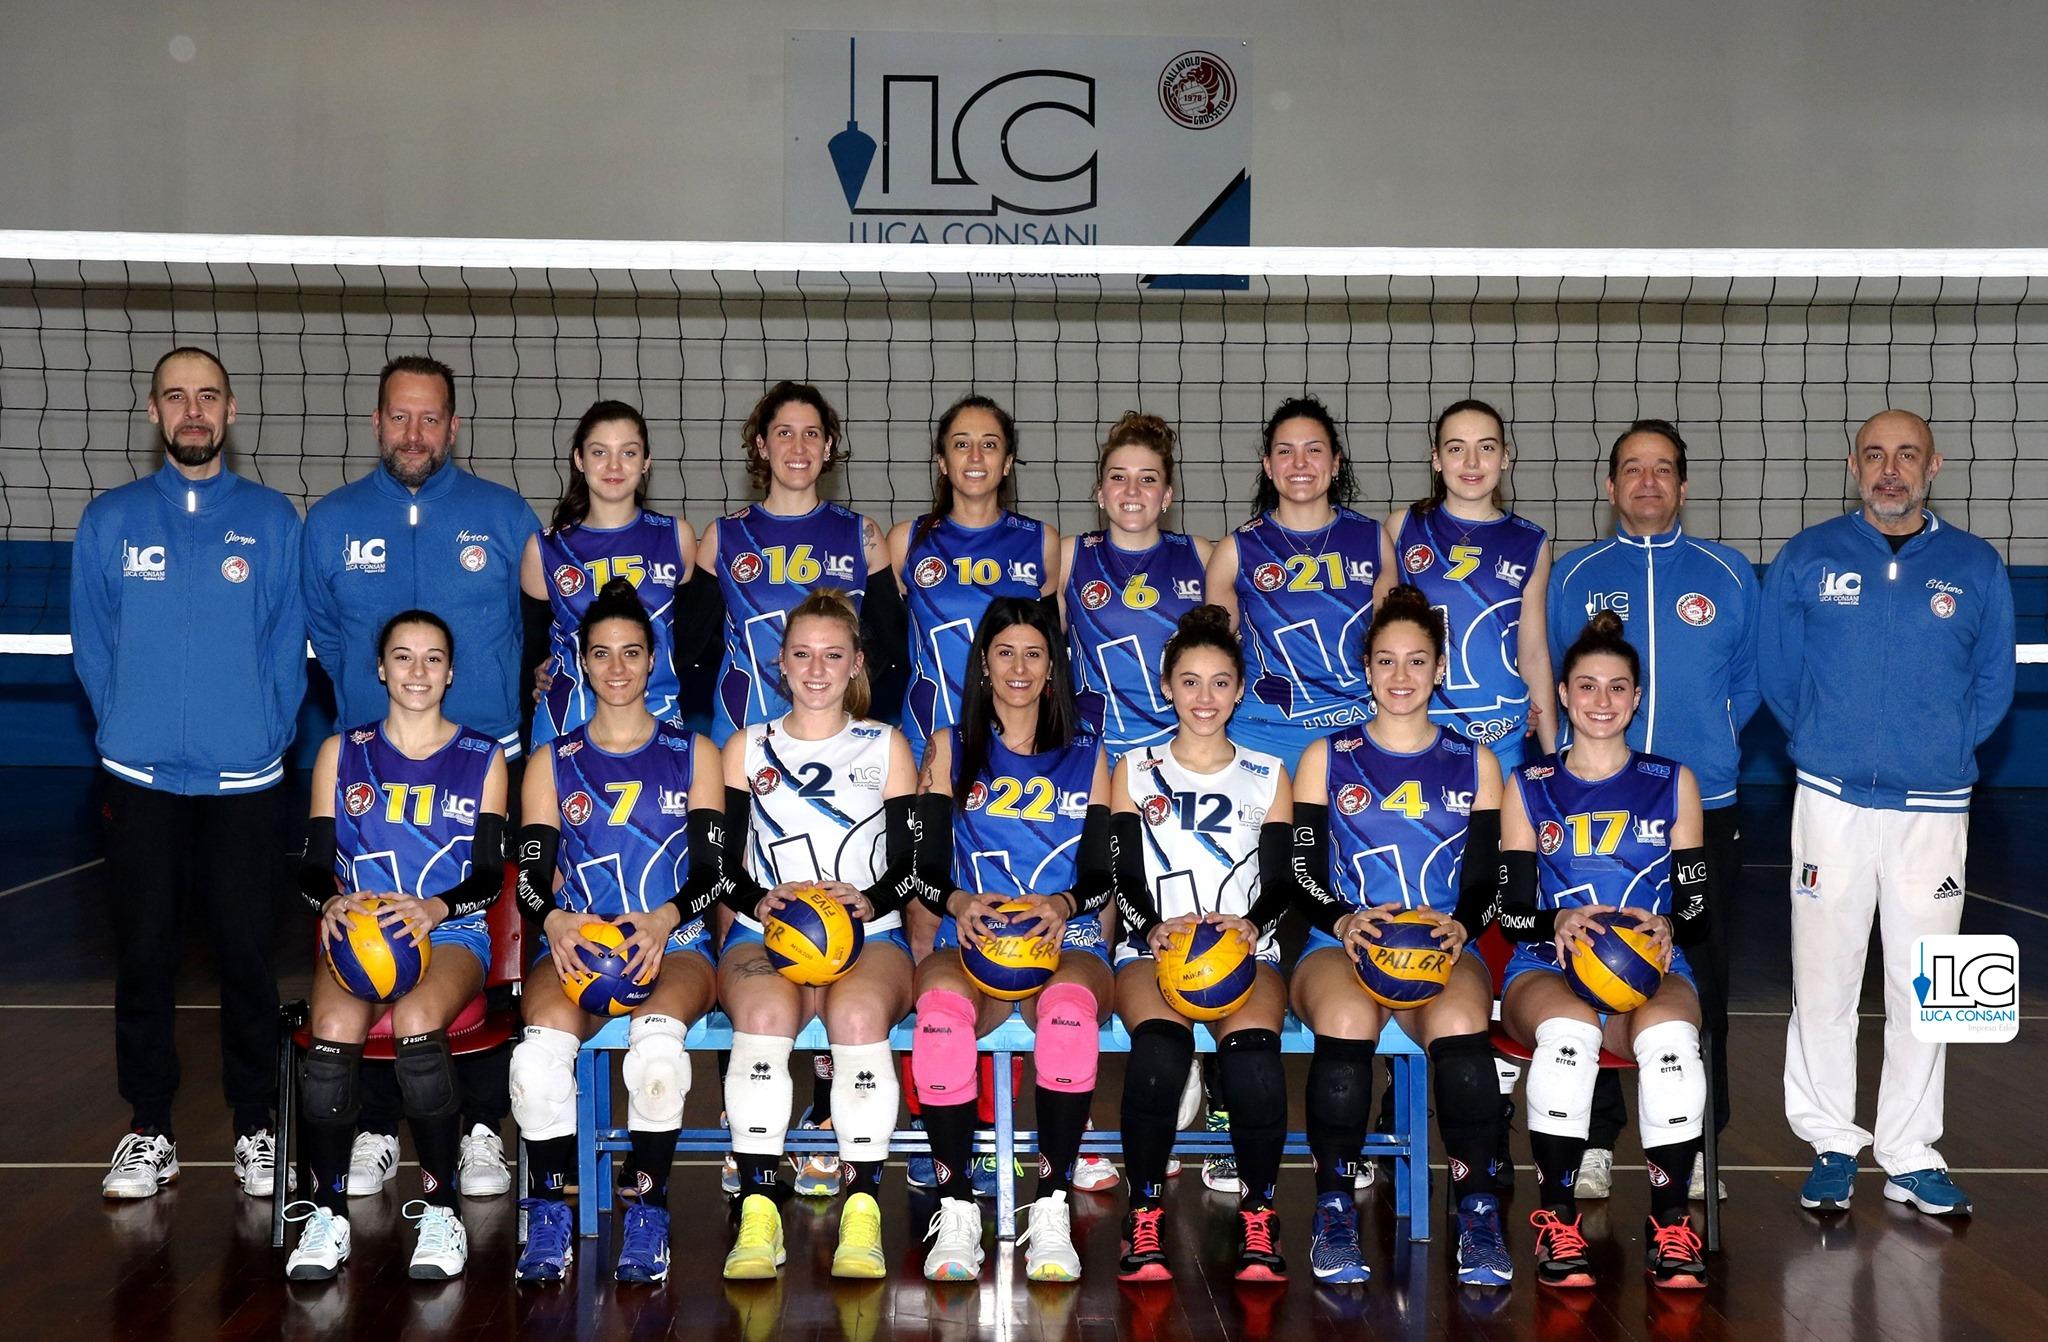 pallavolo-grosseto-1978-luca-consani-squadra-femminile-serie-C-2021